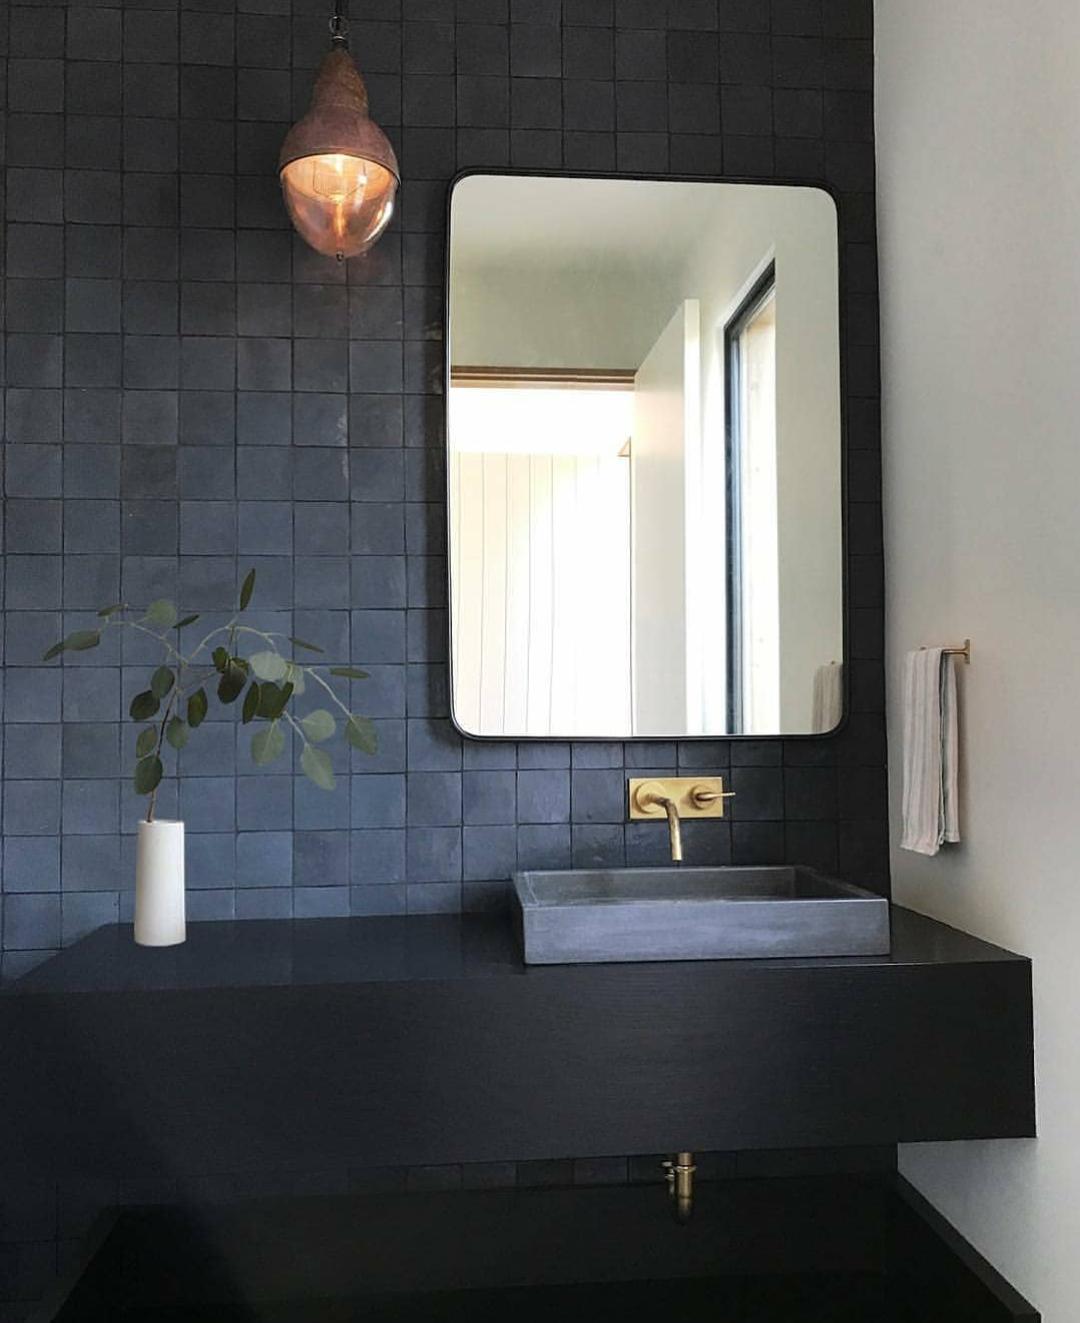 Modernes Badezimmer Großflächiger Trend Fugenlose Bäder 2018: Pin Von Bettina Mathis Auf Hübsche Badezimmer